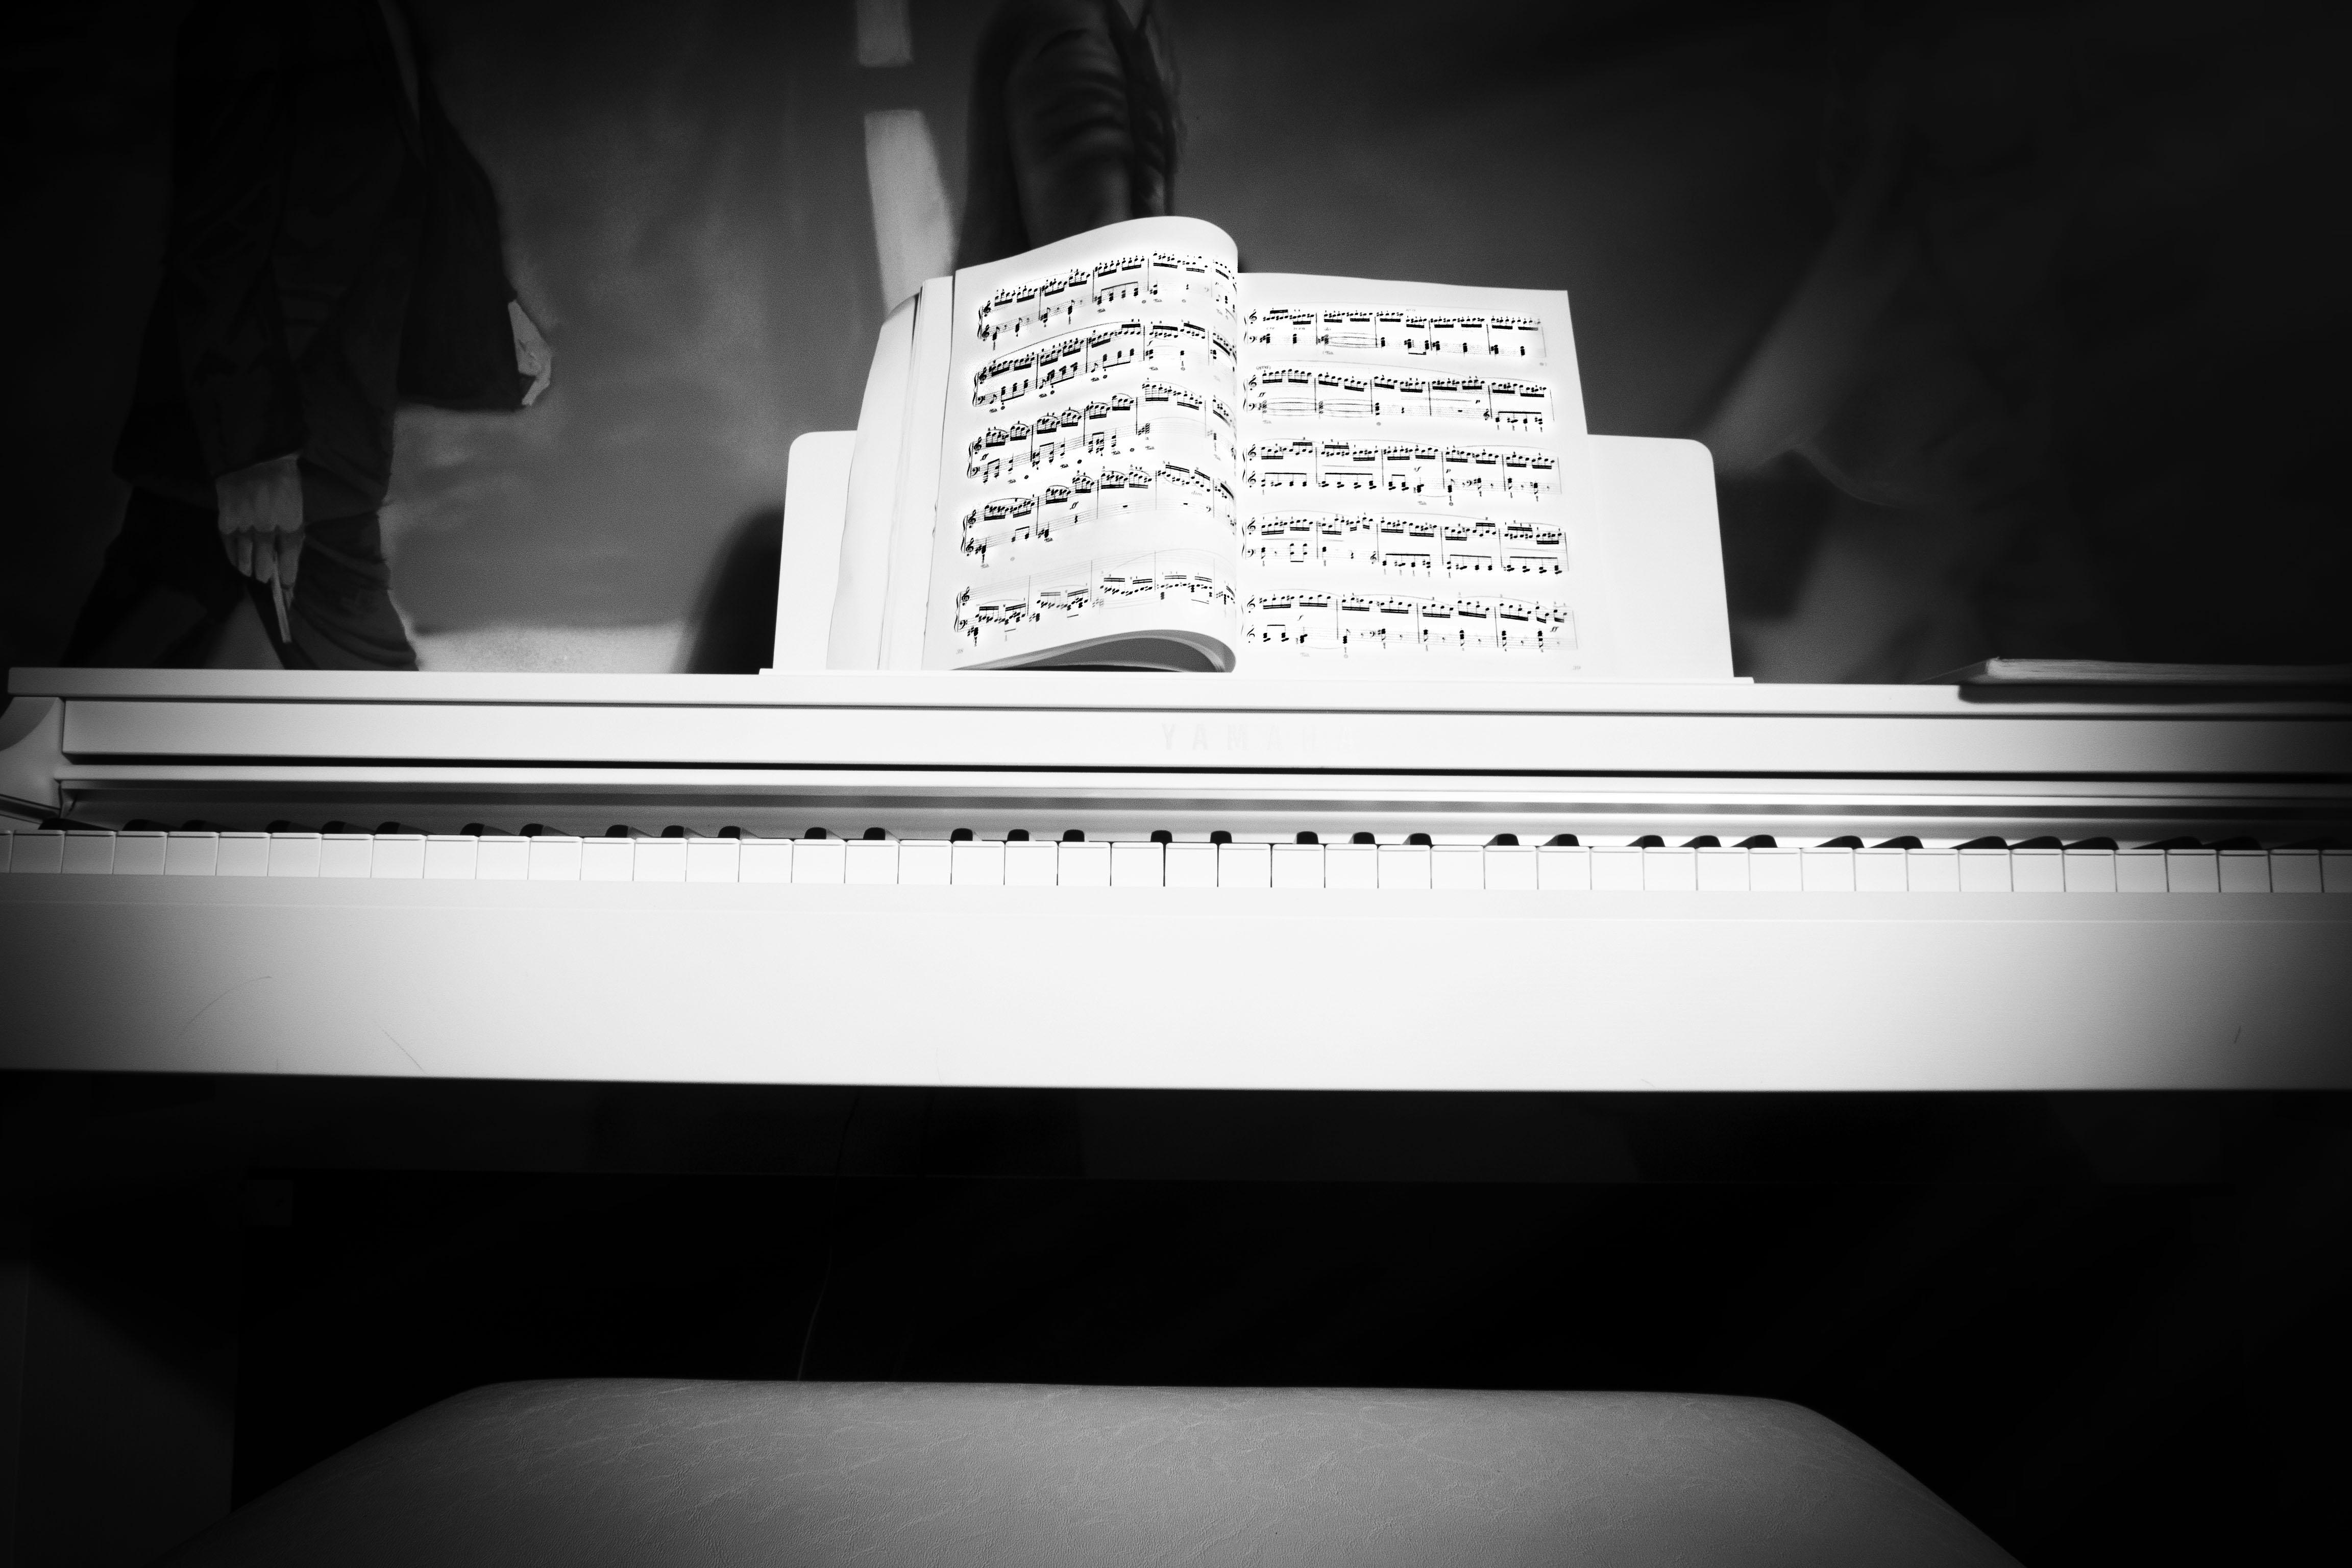 lezioni di pianoforte a roma